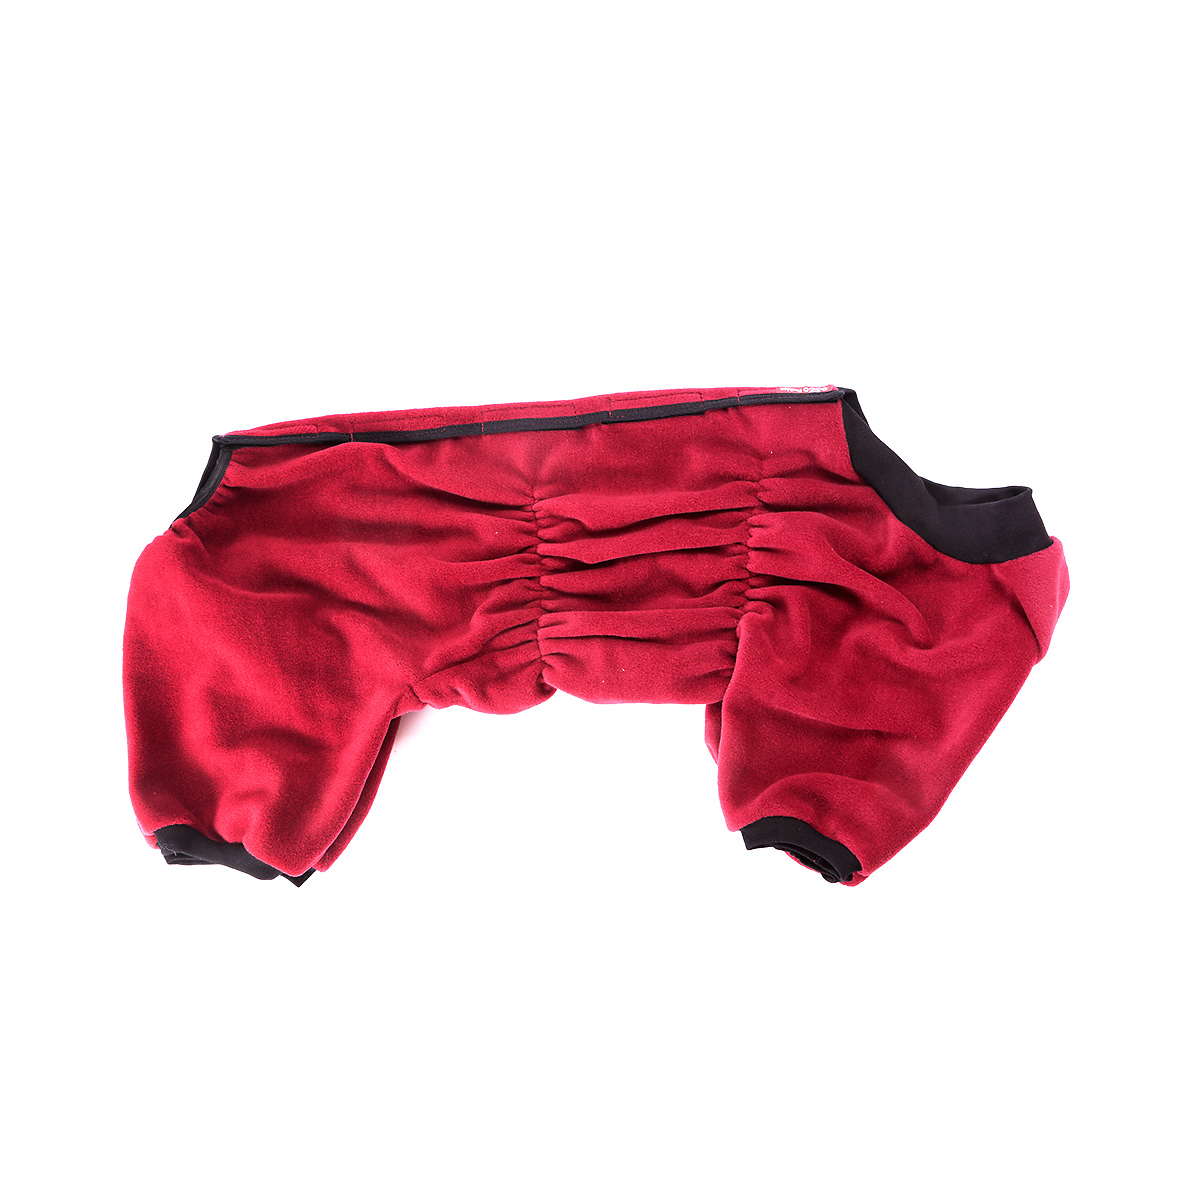 Комбинезон для собак  Osso Fashion , для девочки, цвет: бордовый. Размер 40 - Одежда, обувь, украшения